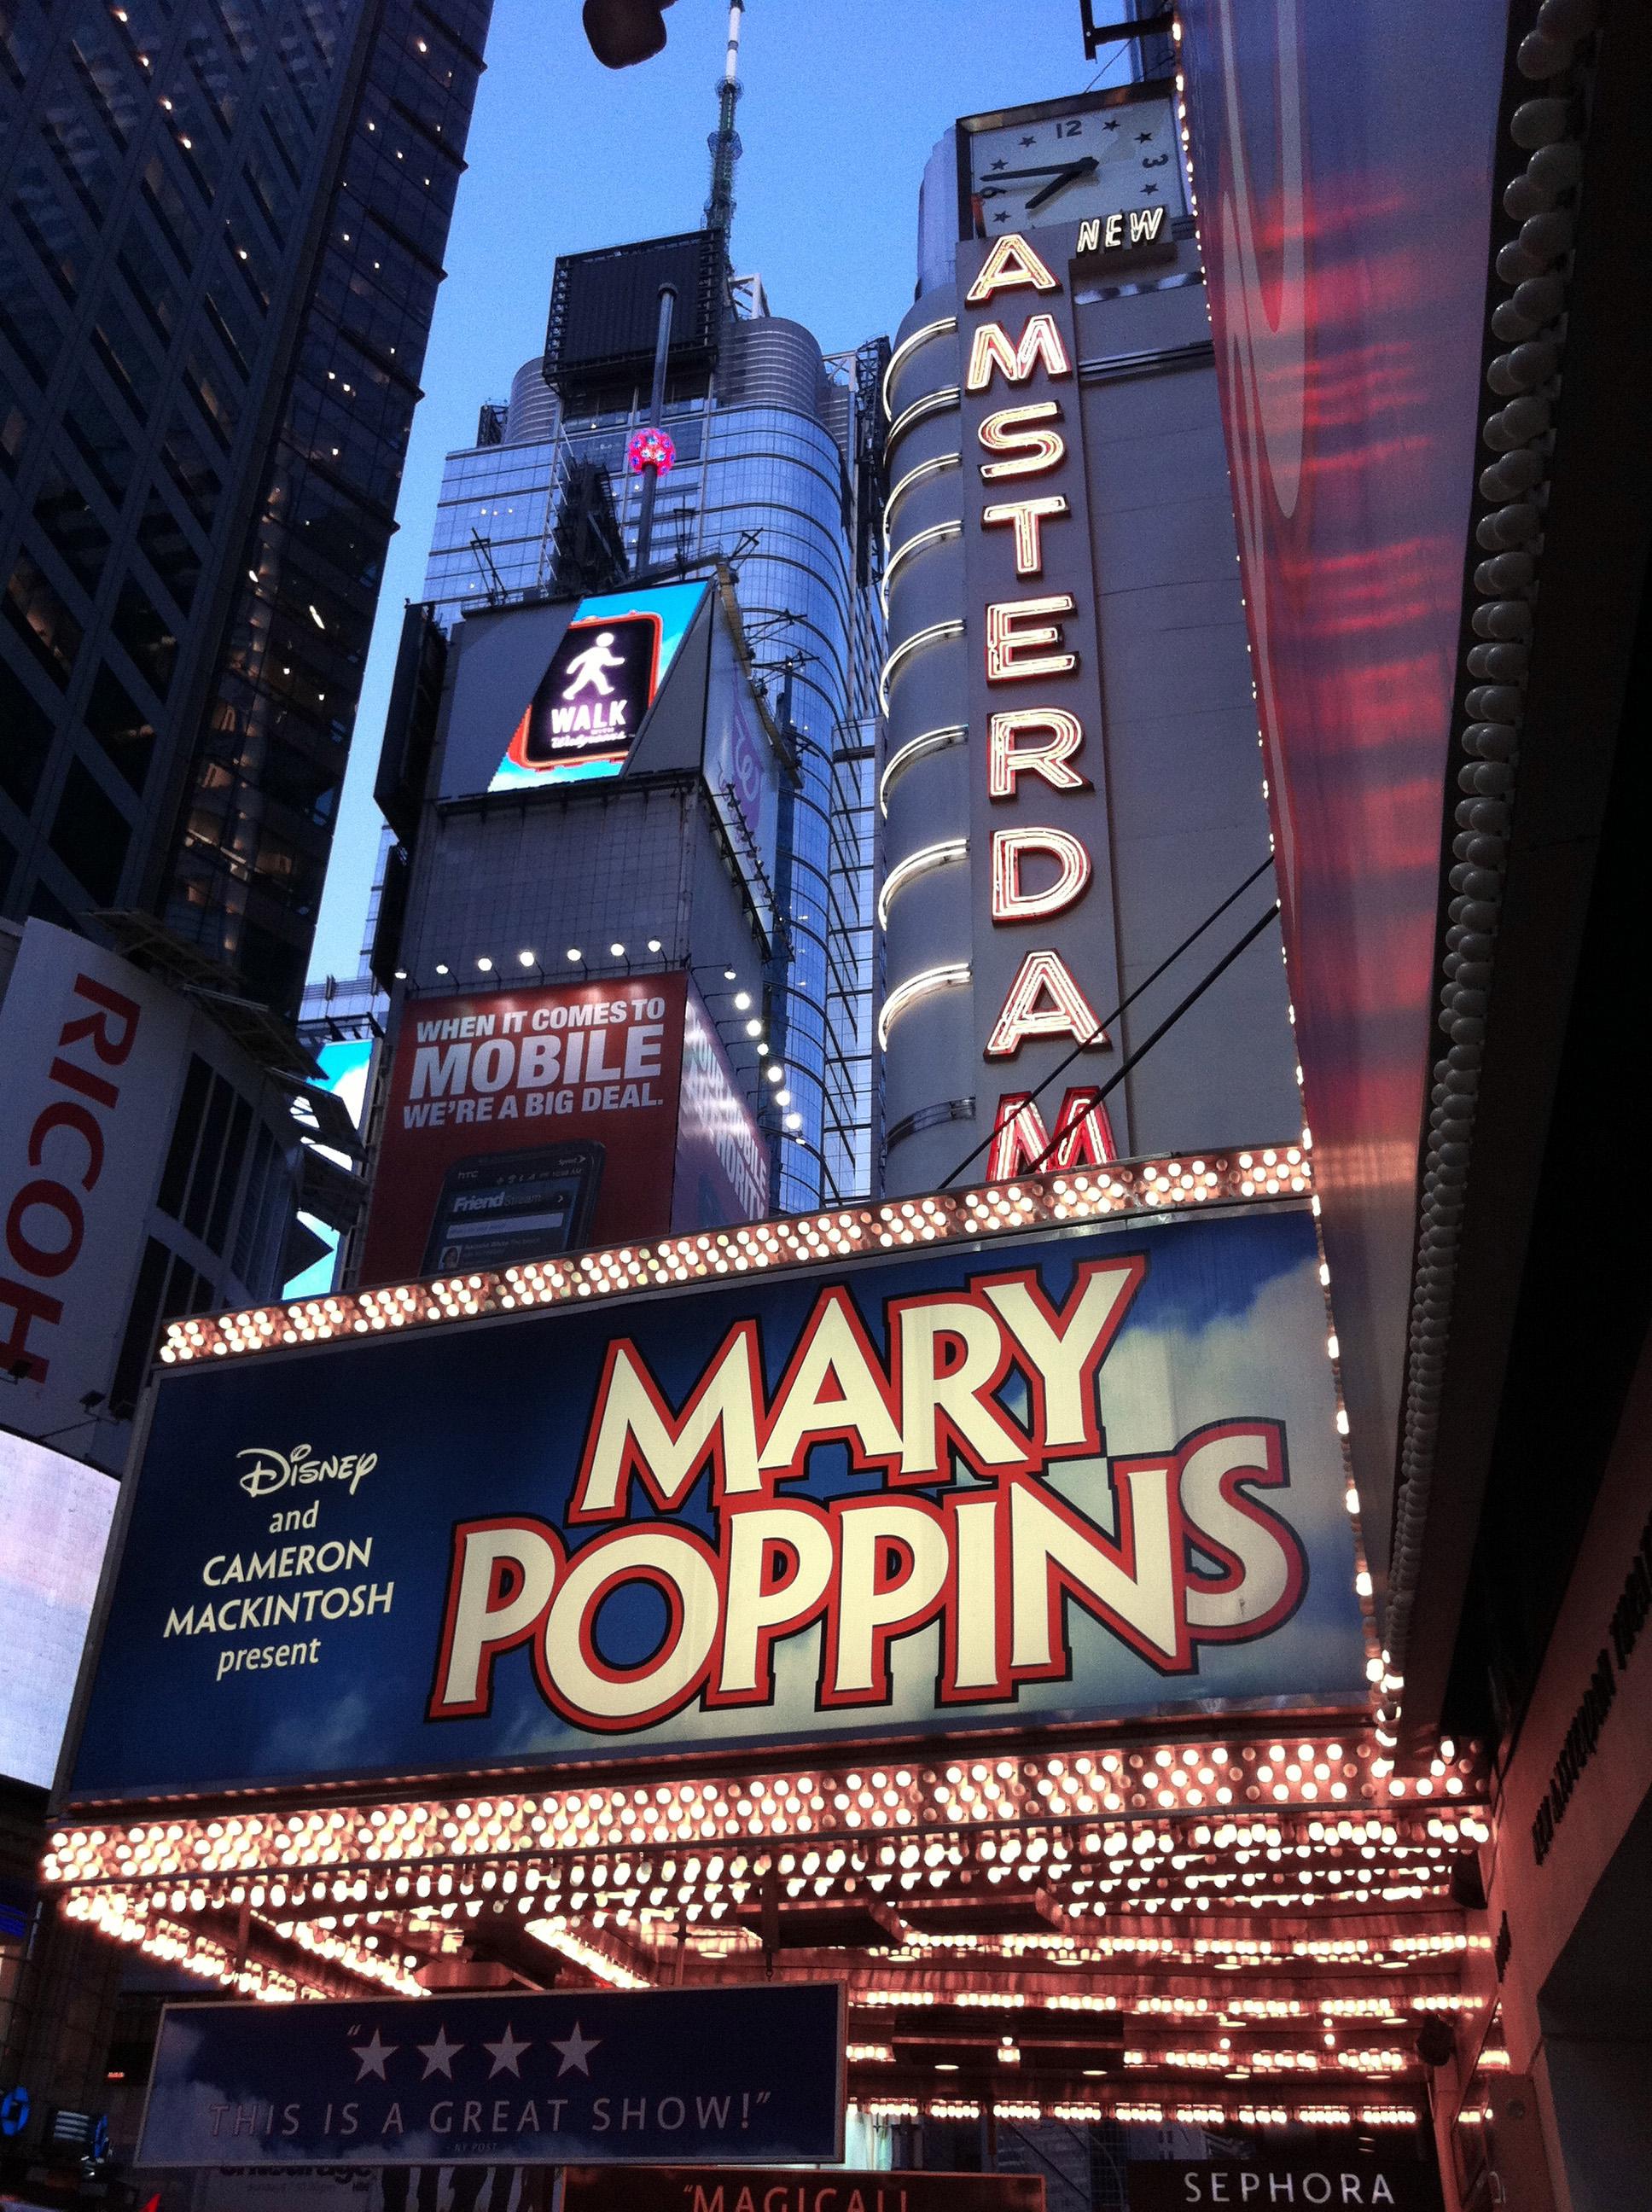 File:Mary Poppins en el New Amsterdam Theatre de Broadway